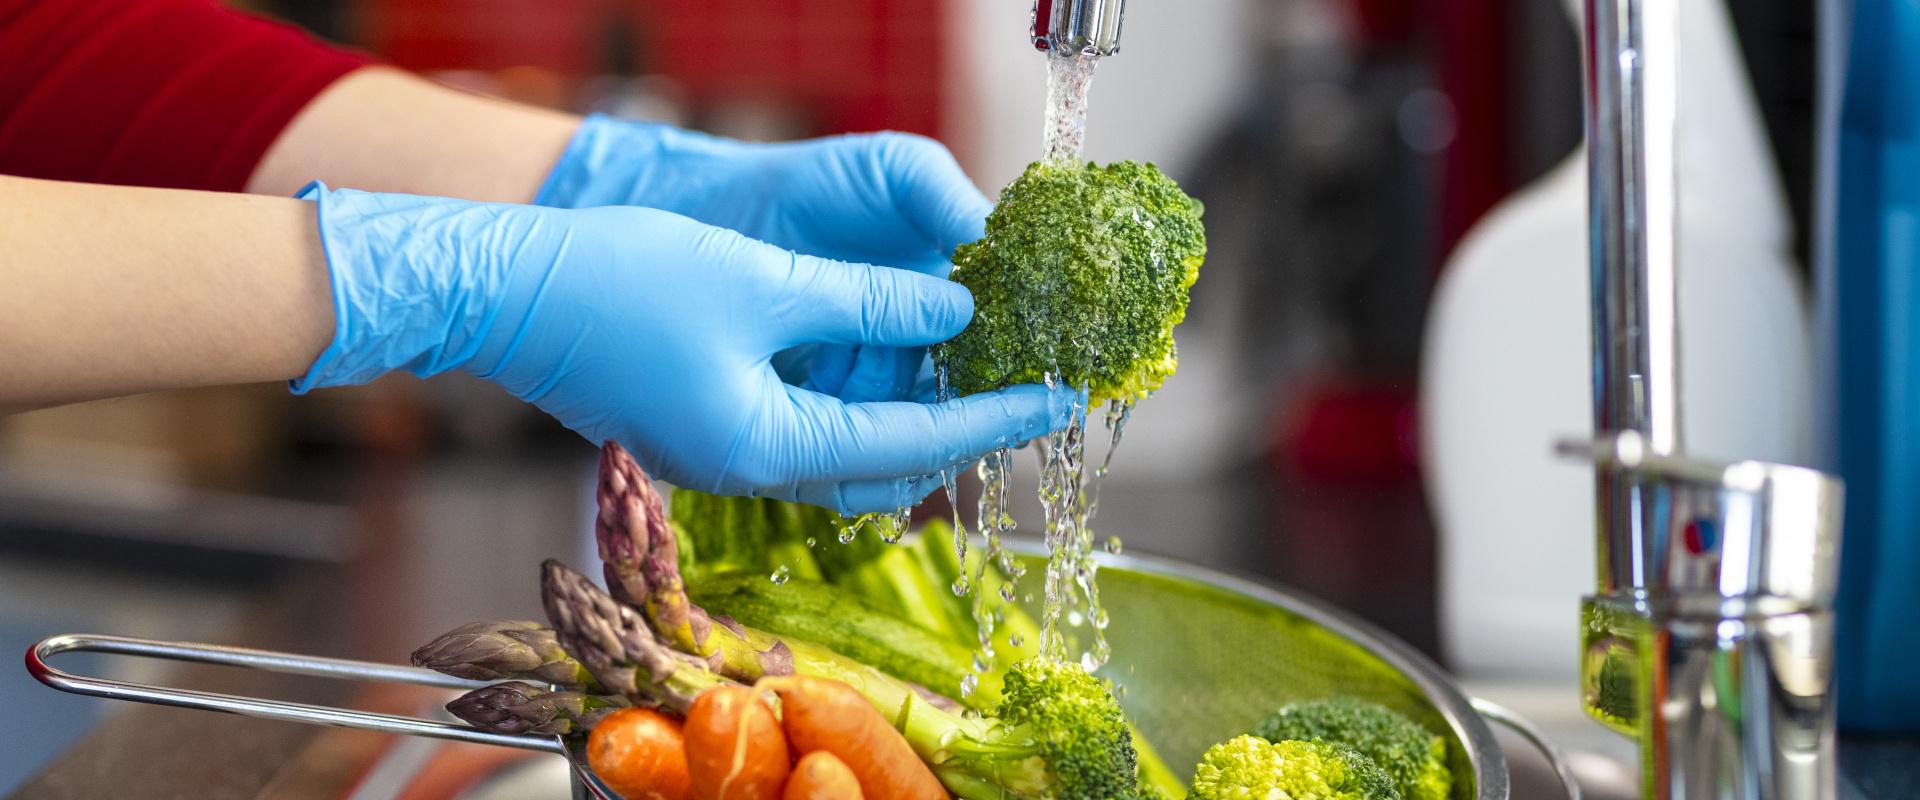 koronavírus zöldségmosás cover